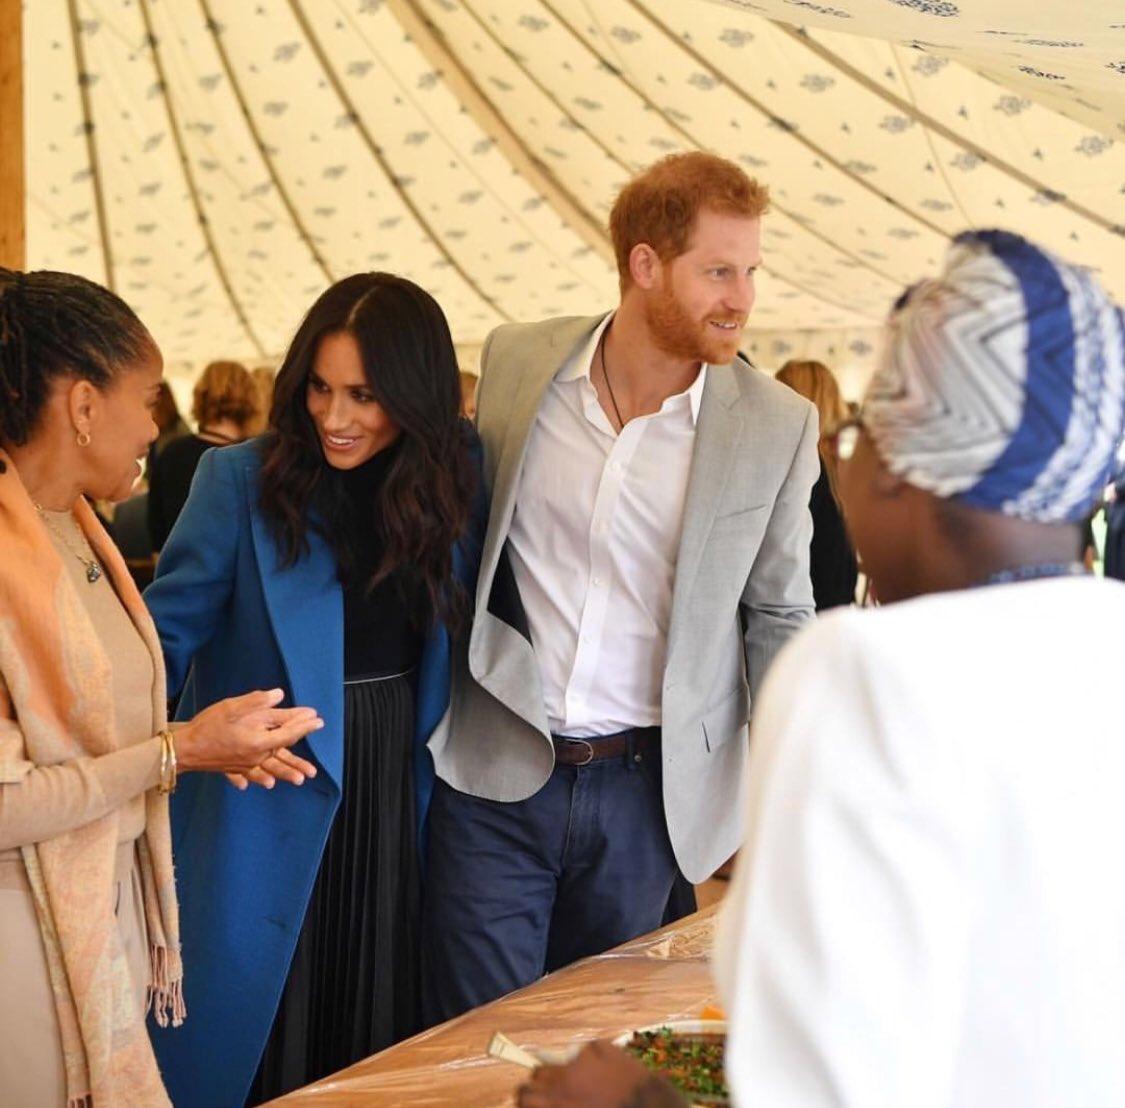 O olhar de admiração de Meghan ao lado do Príncipe Harry a nossa Marina é a demonstração de que amizade sincera vale um cupuaçu!